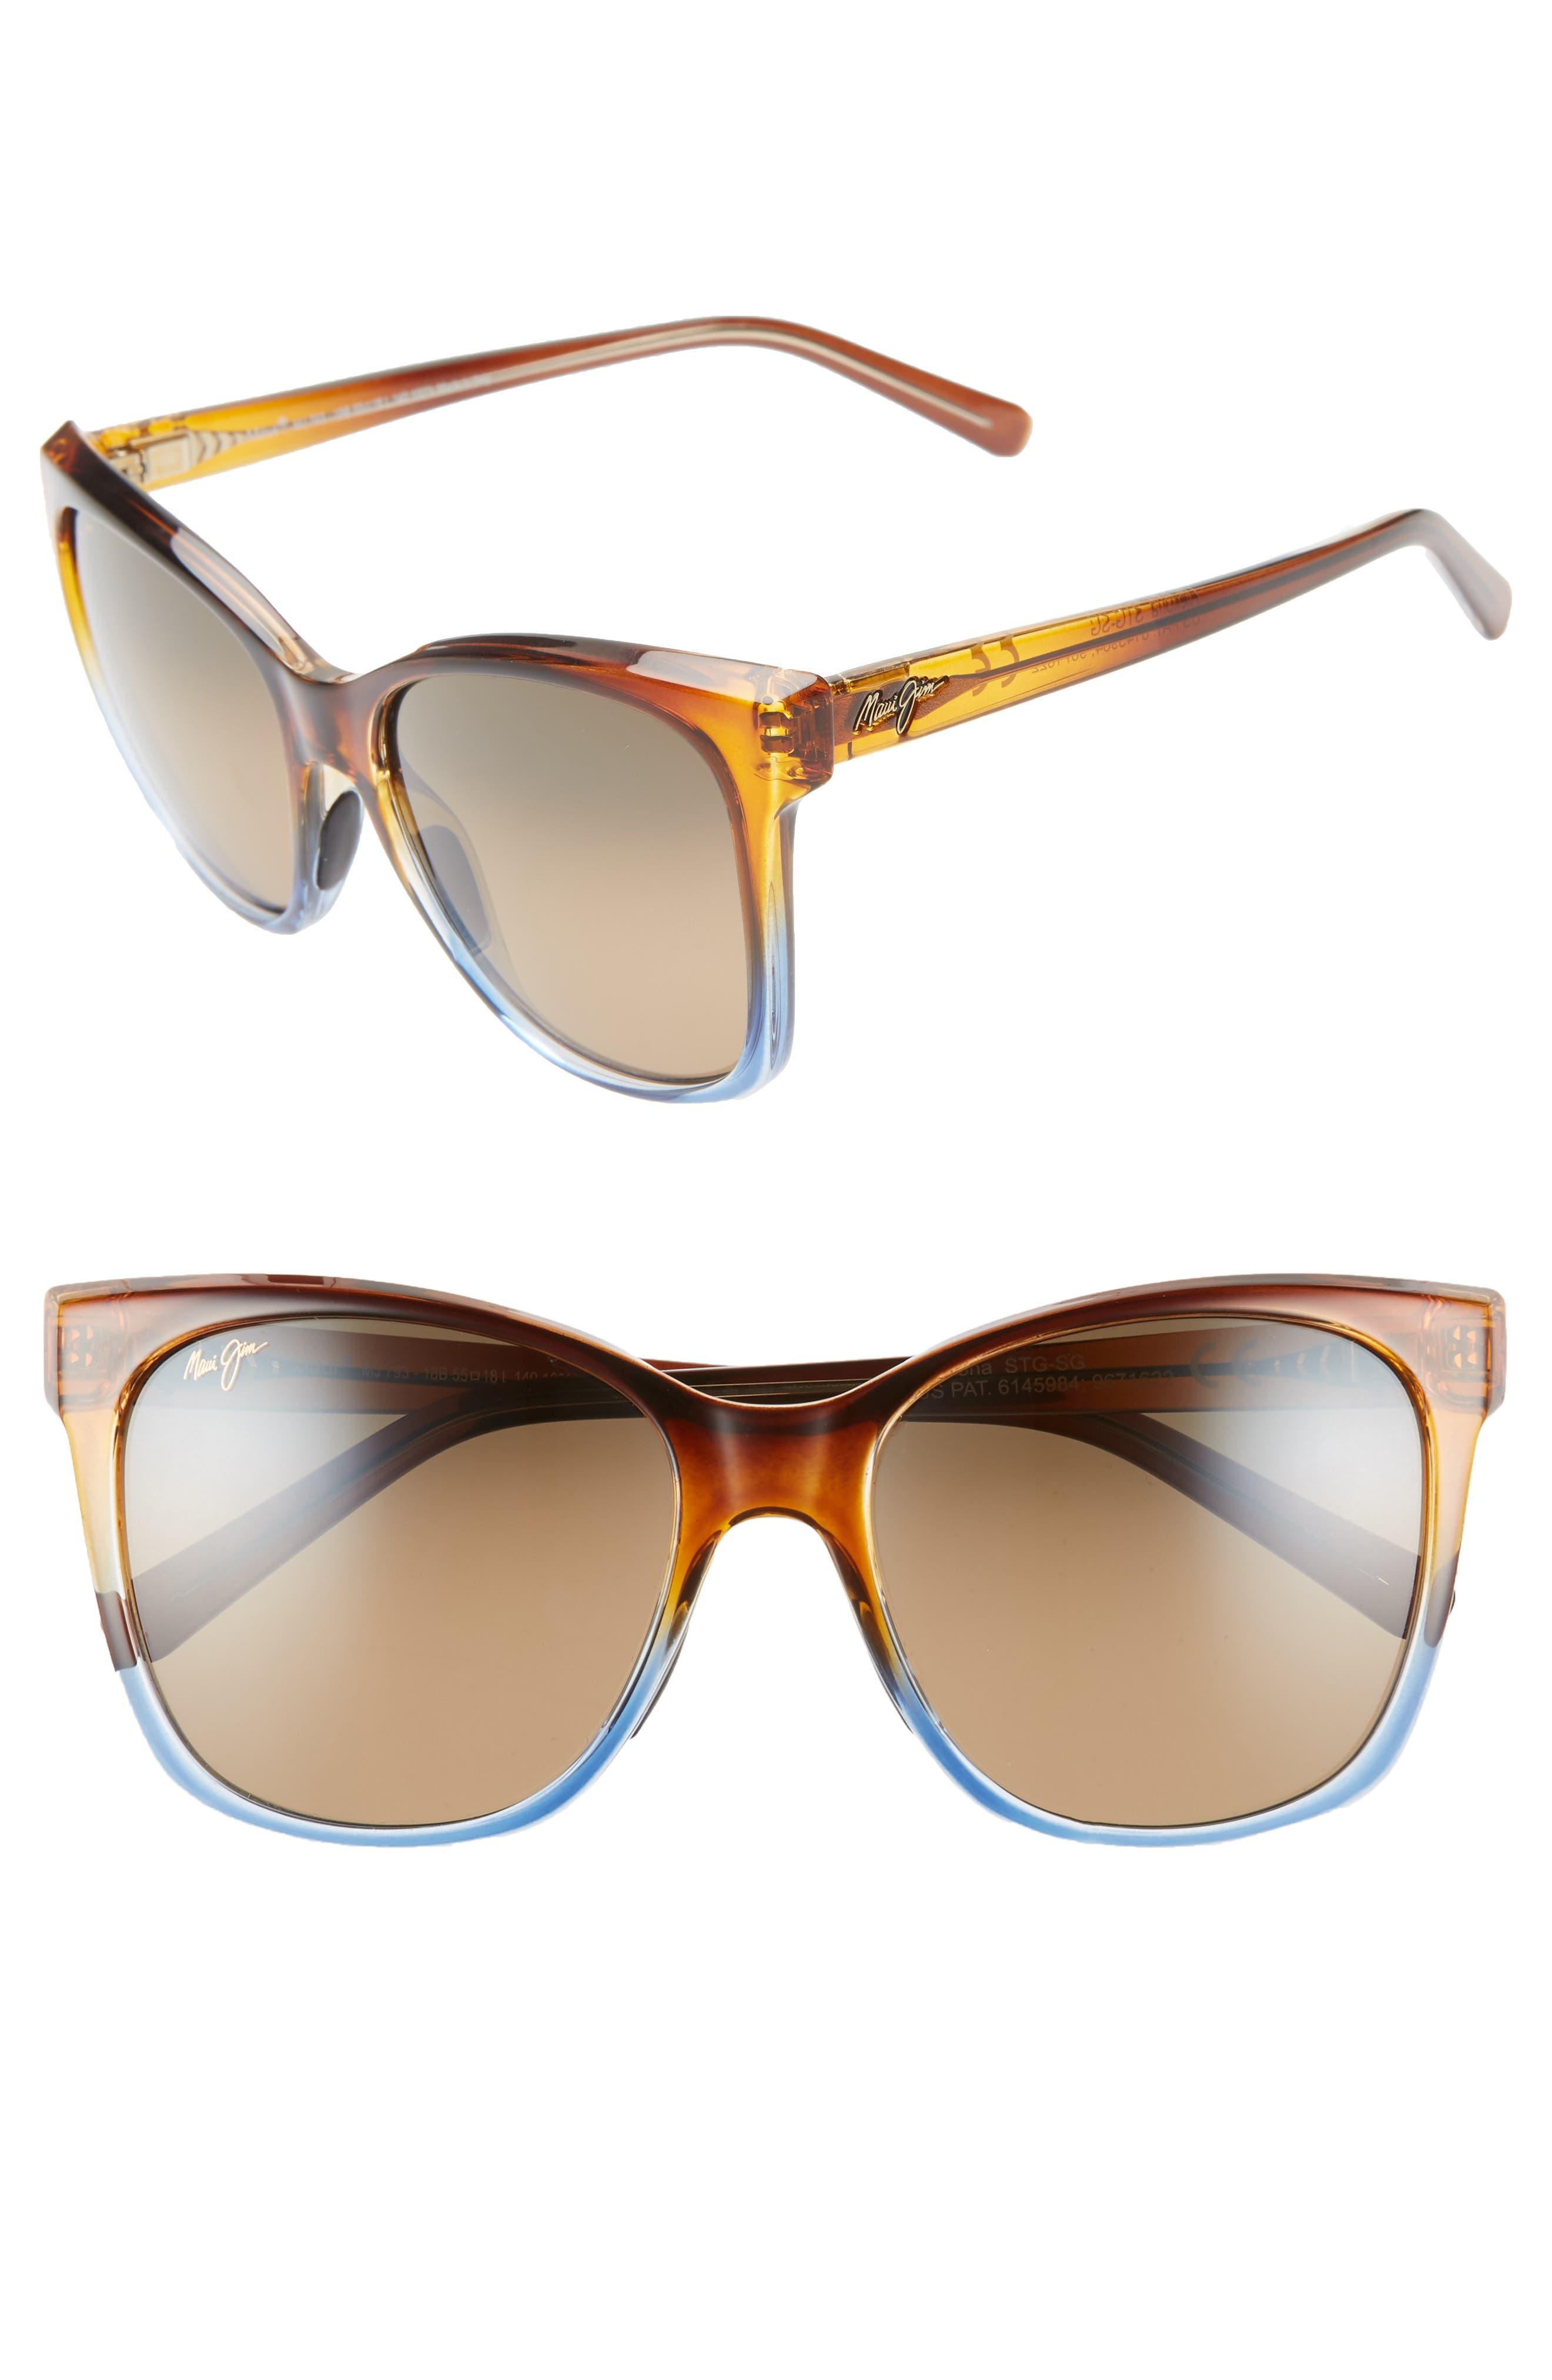 Maui Jim Alekona 55Mm Sunglasses - Caramel With Blue/ Hcl Bronze